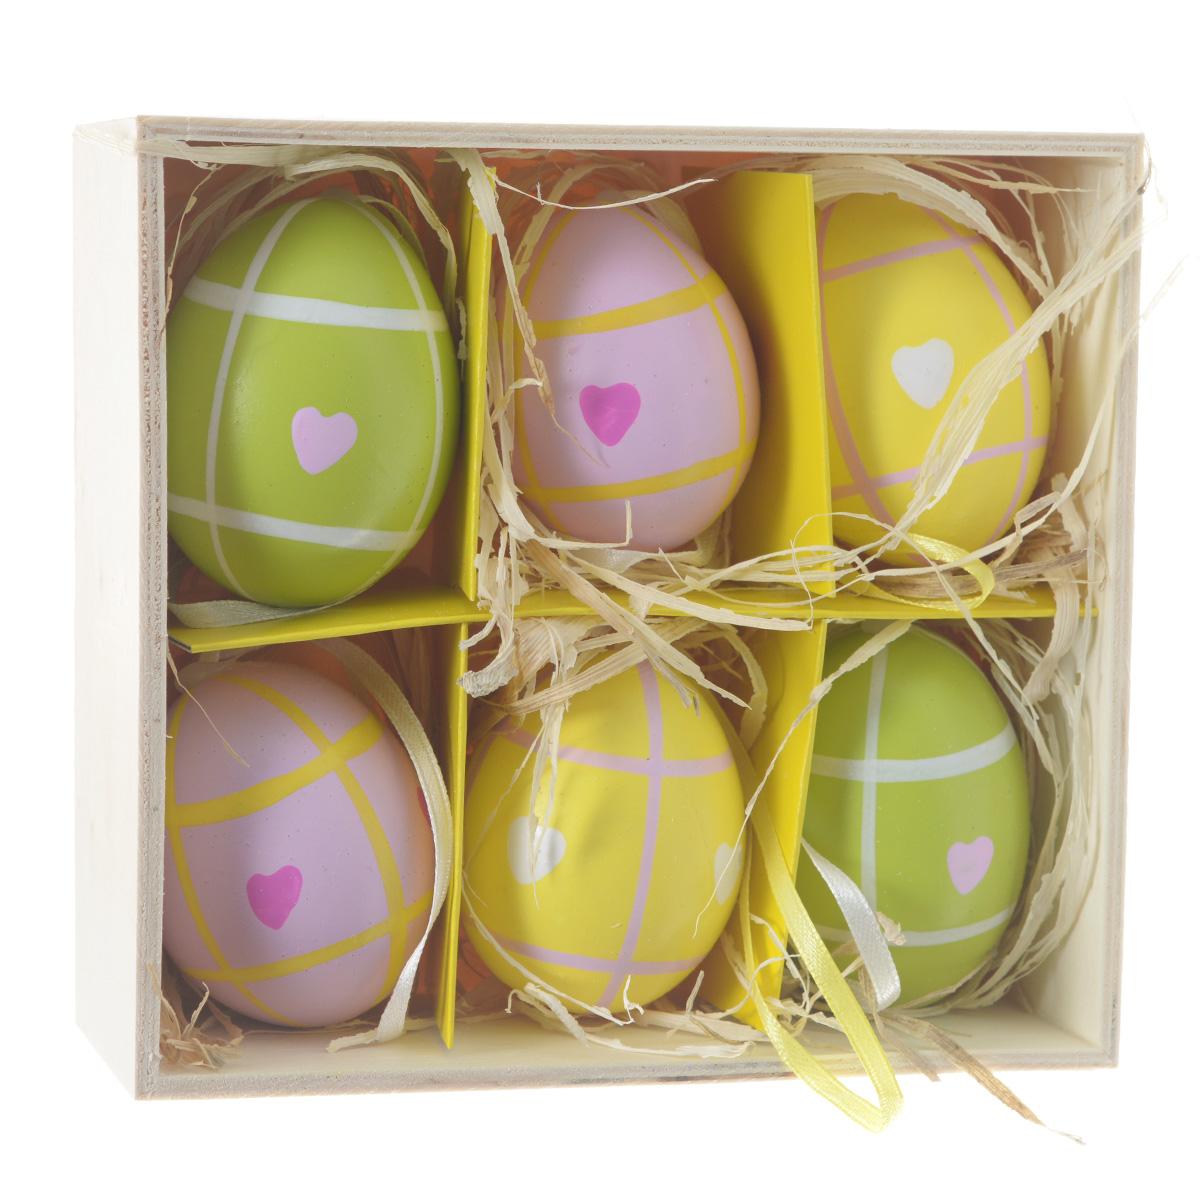 Декоративные подвесные пасхальные яйца Феникс-презент, 6 шт. 3690336903Декоративные подвесные пасхальные яйца Феникс-презент отлично подойдут для декорации вашего дома к Пасхе. Изделия выполнены из натуральной скорлупы куриного яйца и декорированы изображением сердец. Украшения оснащены специальными текстильными петельками для подвешивания. В комплекте - 6 пасхальных яиц, которые располагаются в деревянном ящике с подложкой из лыко. Яйцо - это главный символ Пасхи, который означает для христиан новую жизнь и возрождение. Создайте в своем доме атмосферу праздника, украшая его декоративными пасхальными яйцами. Материал: скорлупа куриного яйца, текстиль, лыко. Размер яйца: 4 см х 4 см х 5,5 см.